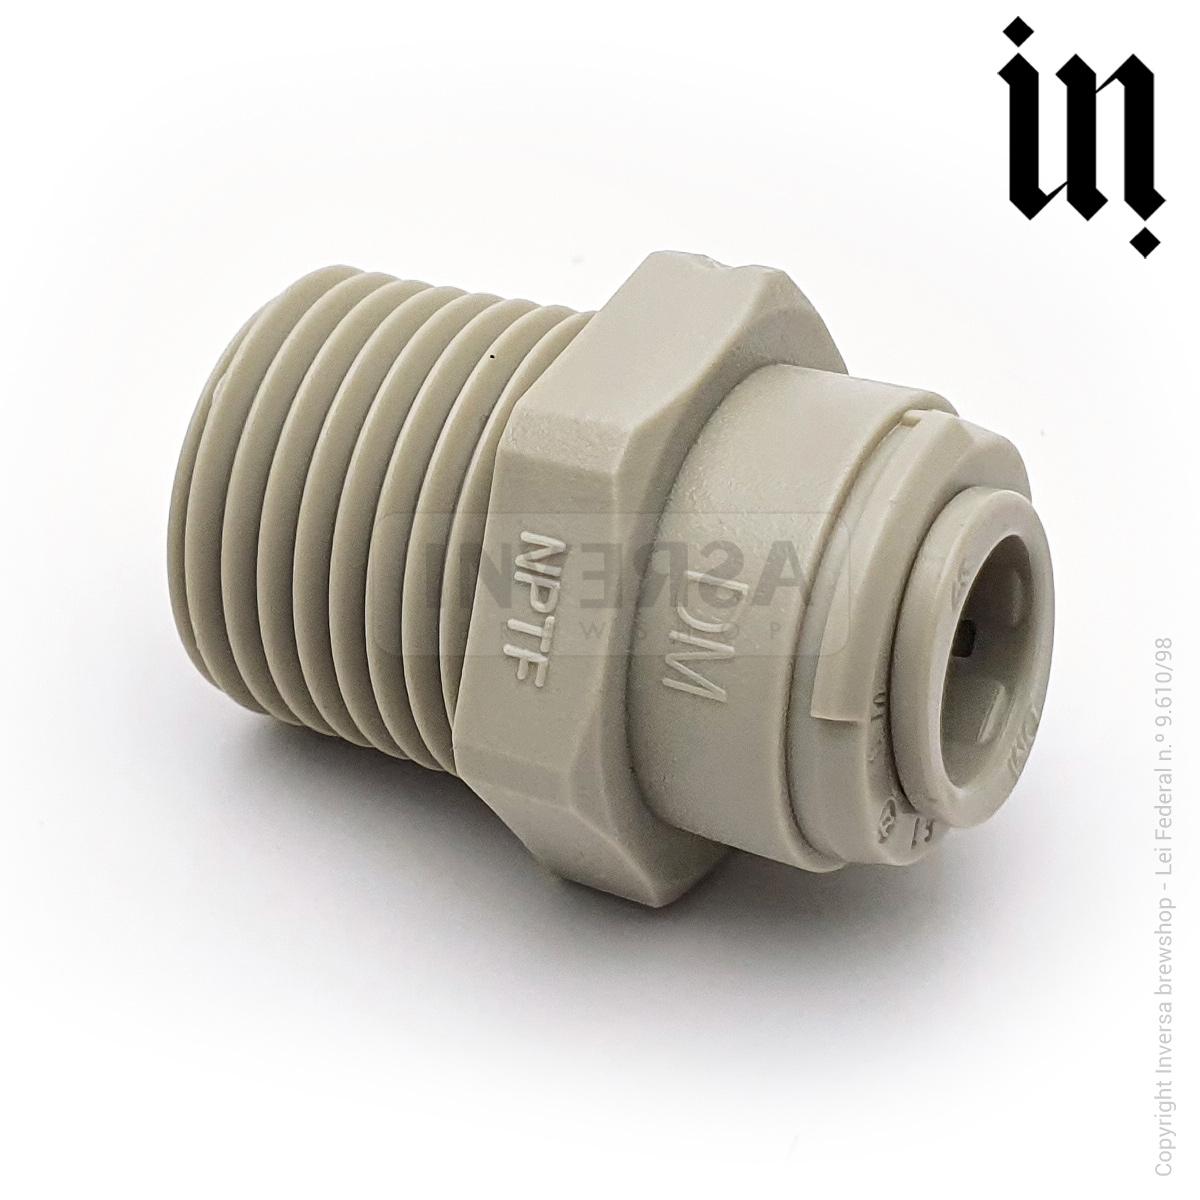 SpeedFit DM Engate 3/8 Rosca Macho 1/2